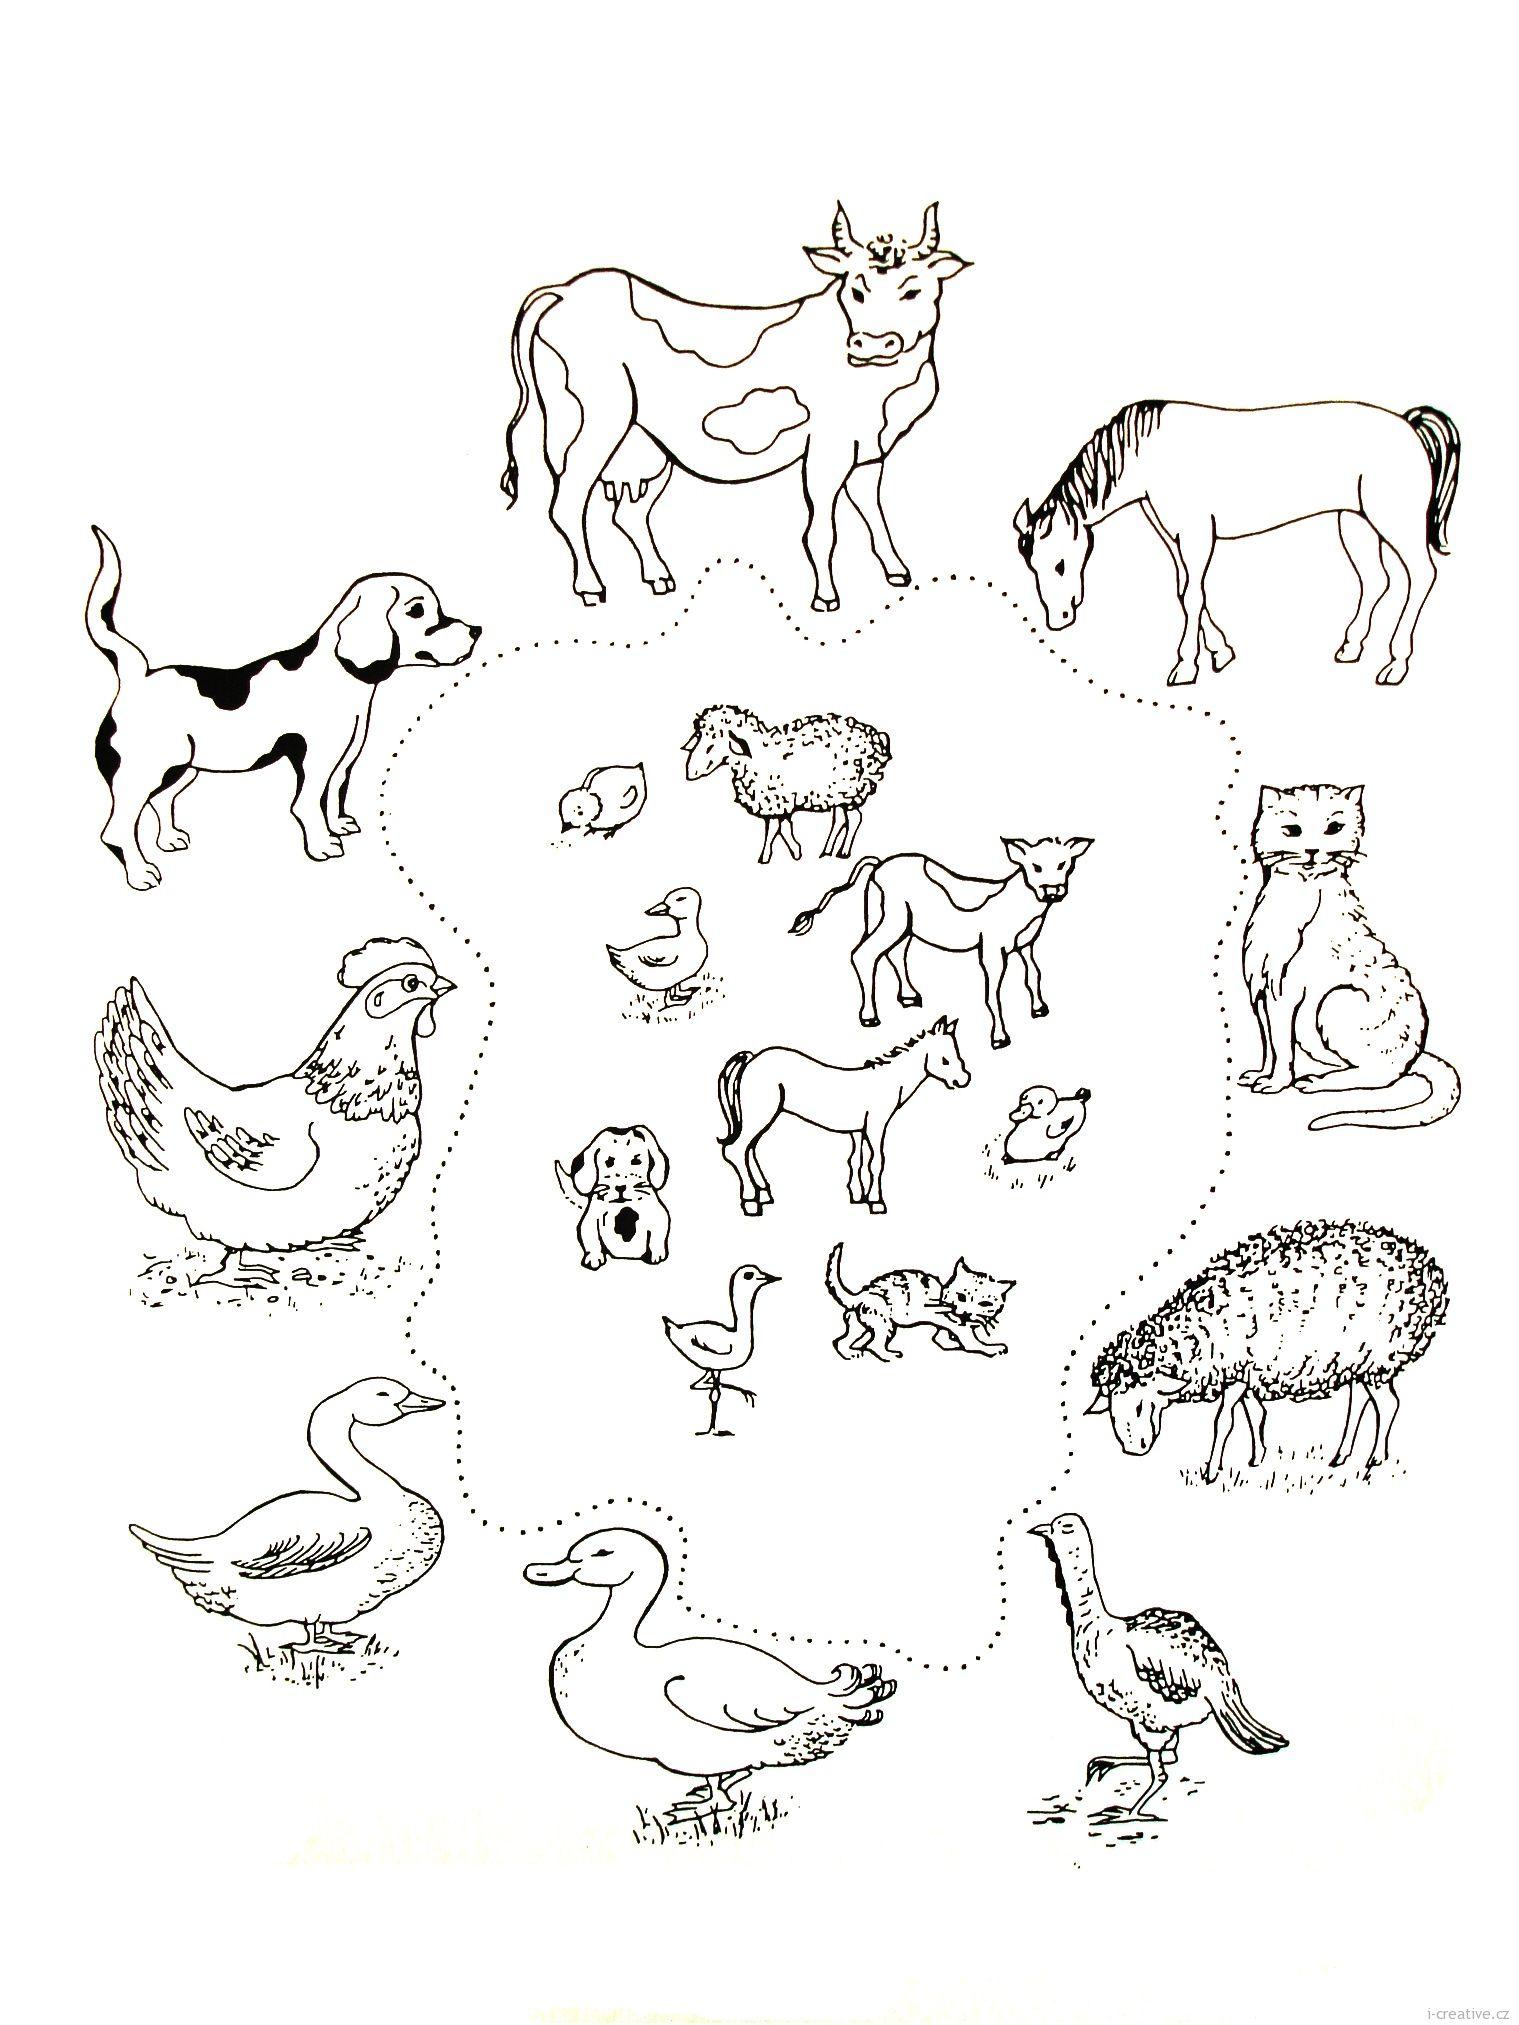 Zvířata a jejich mláďata icreative.cz Kreativní